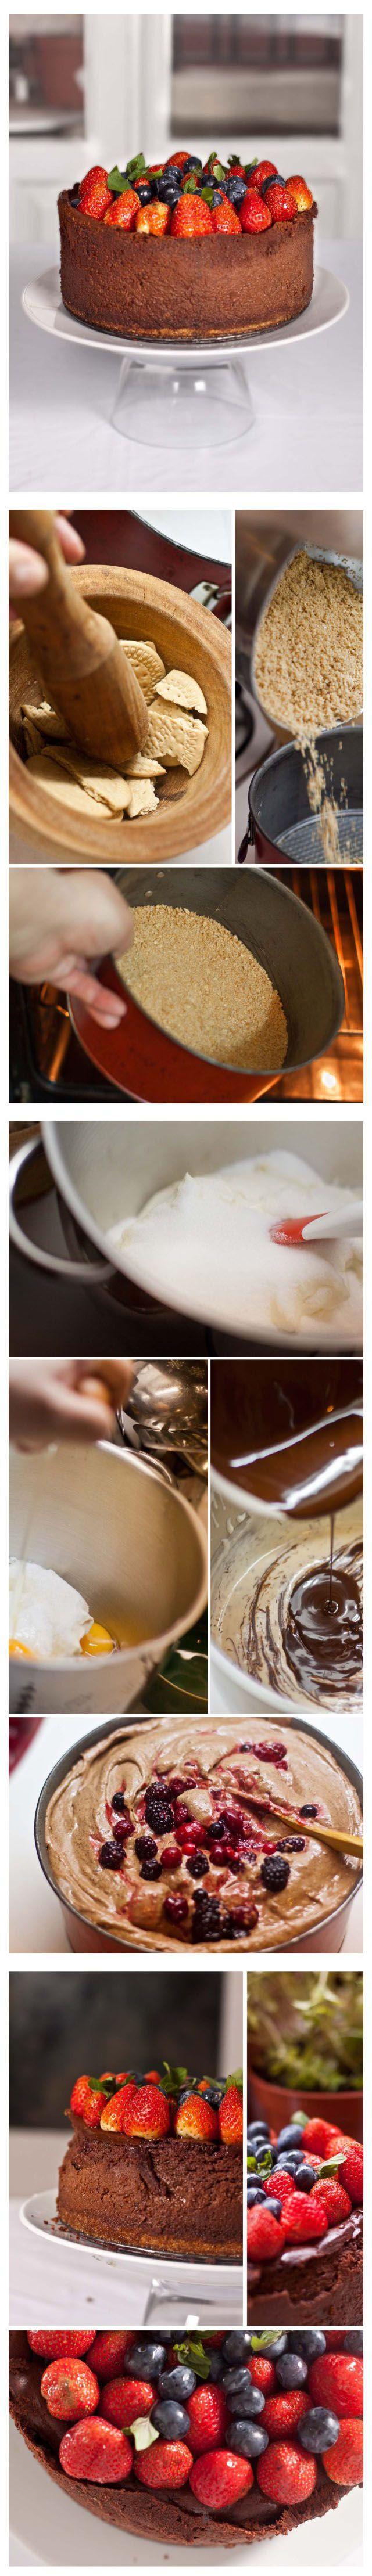 Tarta de queso, chocolate y frutos rojos -instrucciones-